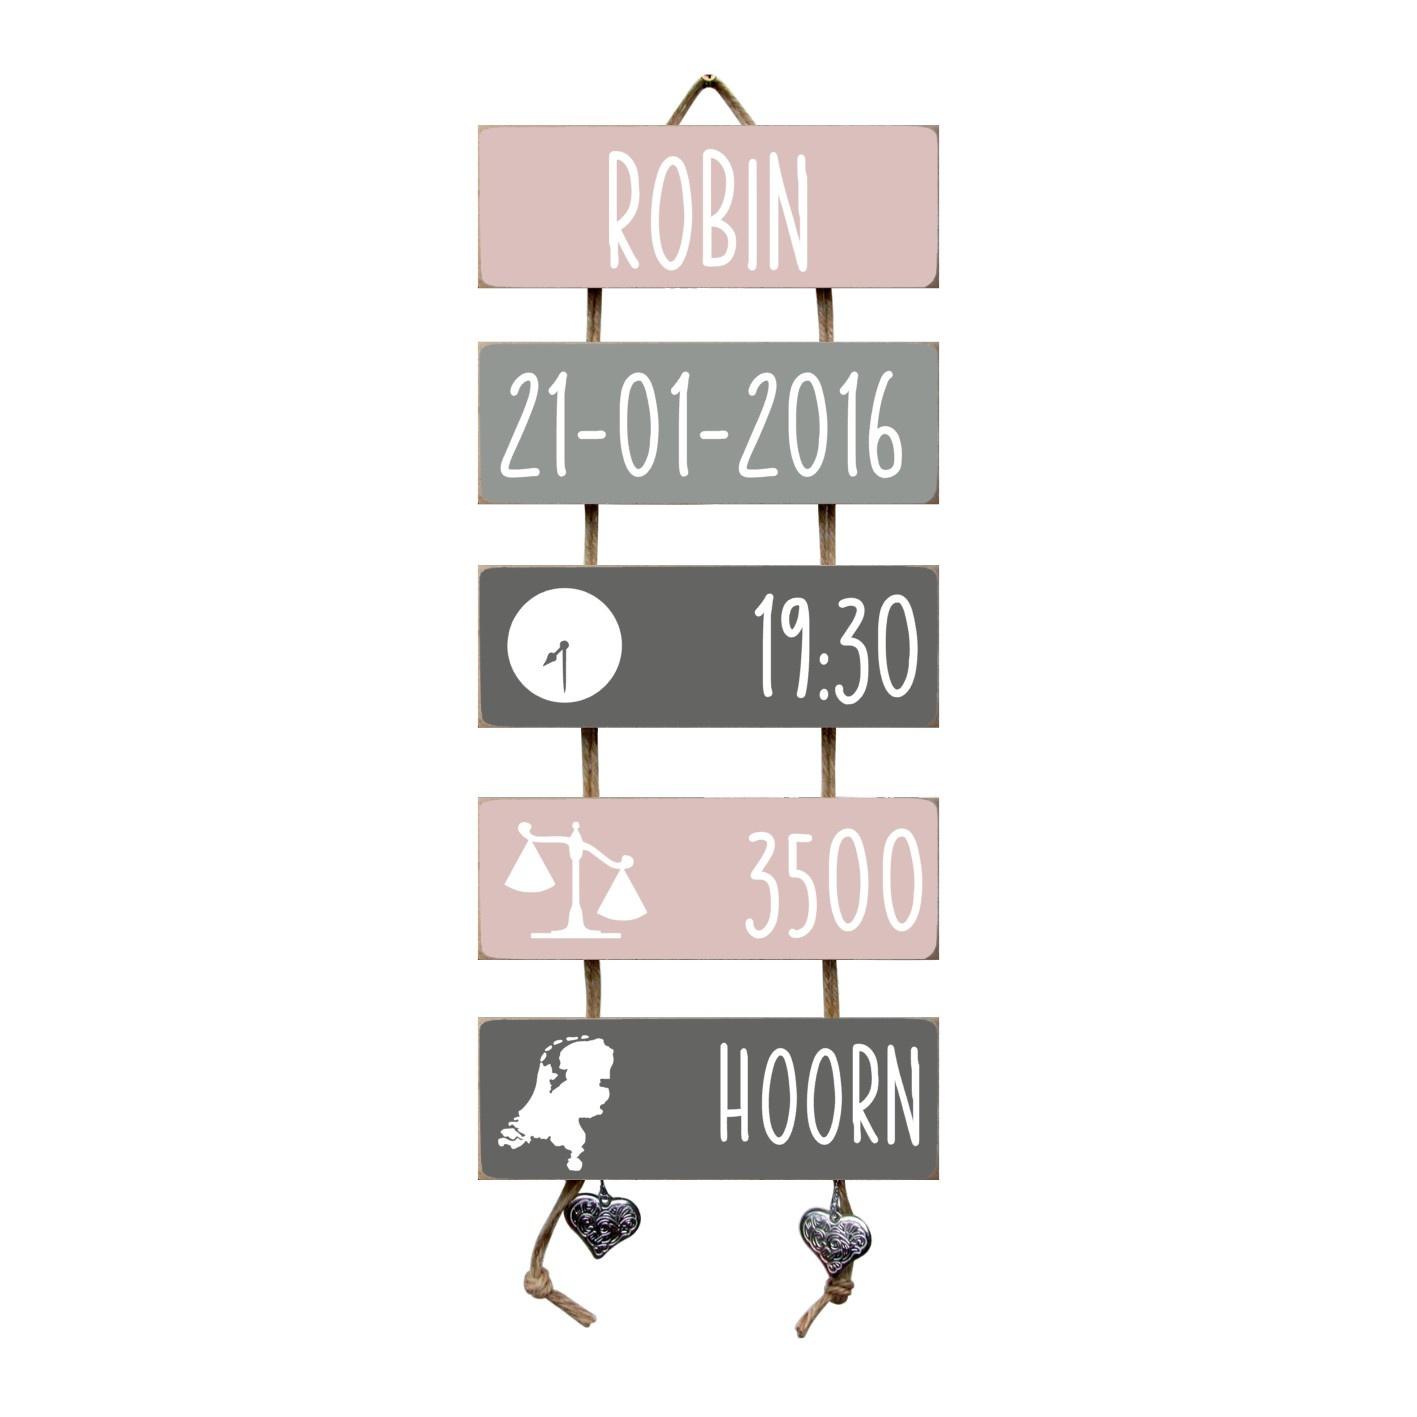 Kraamcadeau Geboorteladder Robin lichtroze/grijs